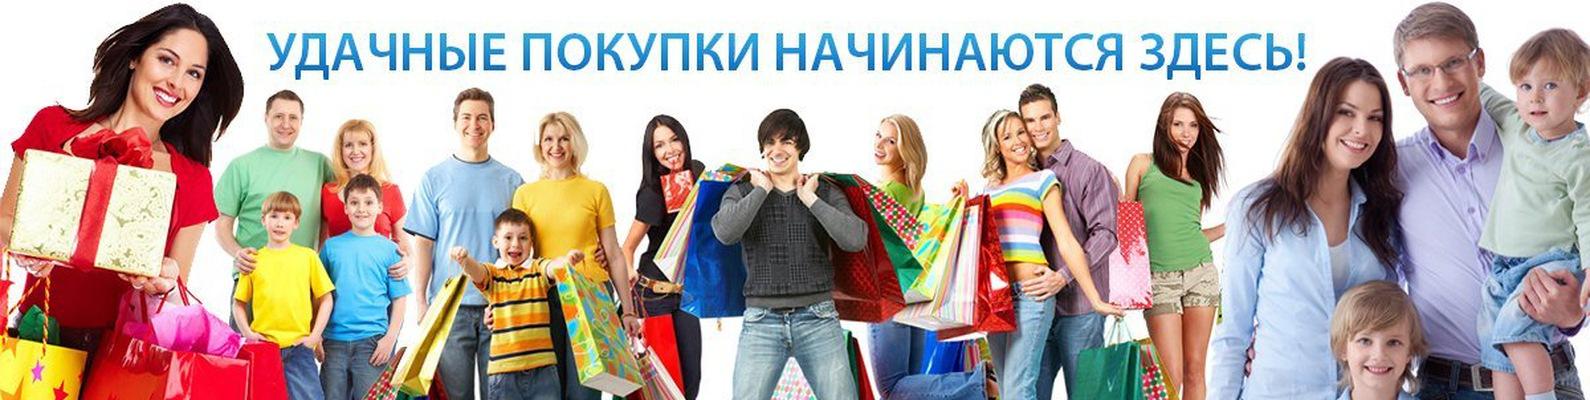 Совместные покупки поставщики одежды